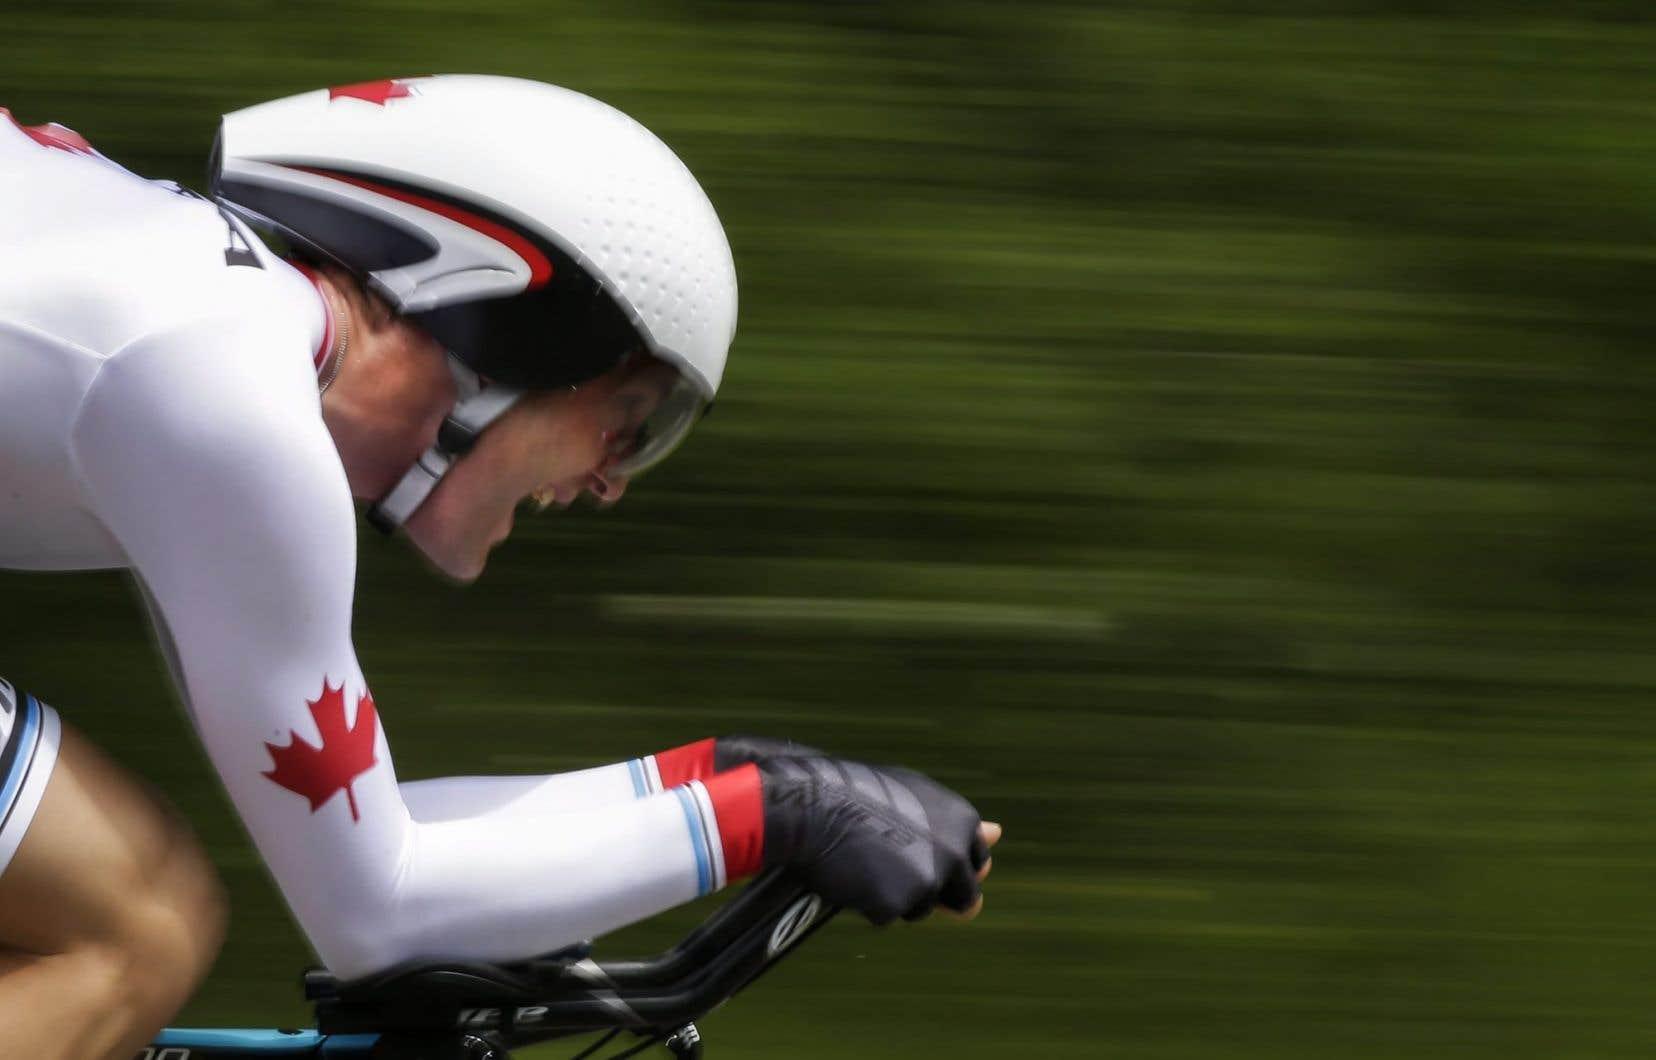 Cette saison, Hugo Houle s'est signalé en finissant au cinquième échelon du classement cumulatif de la course arctique de Norvège.